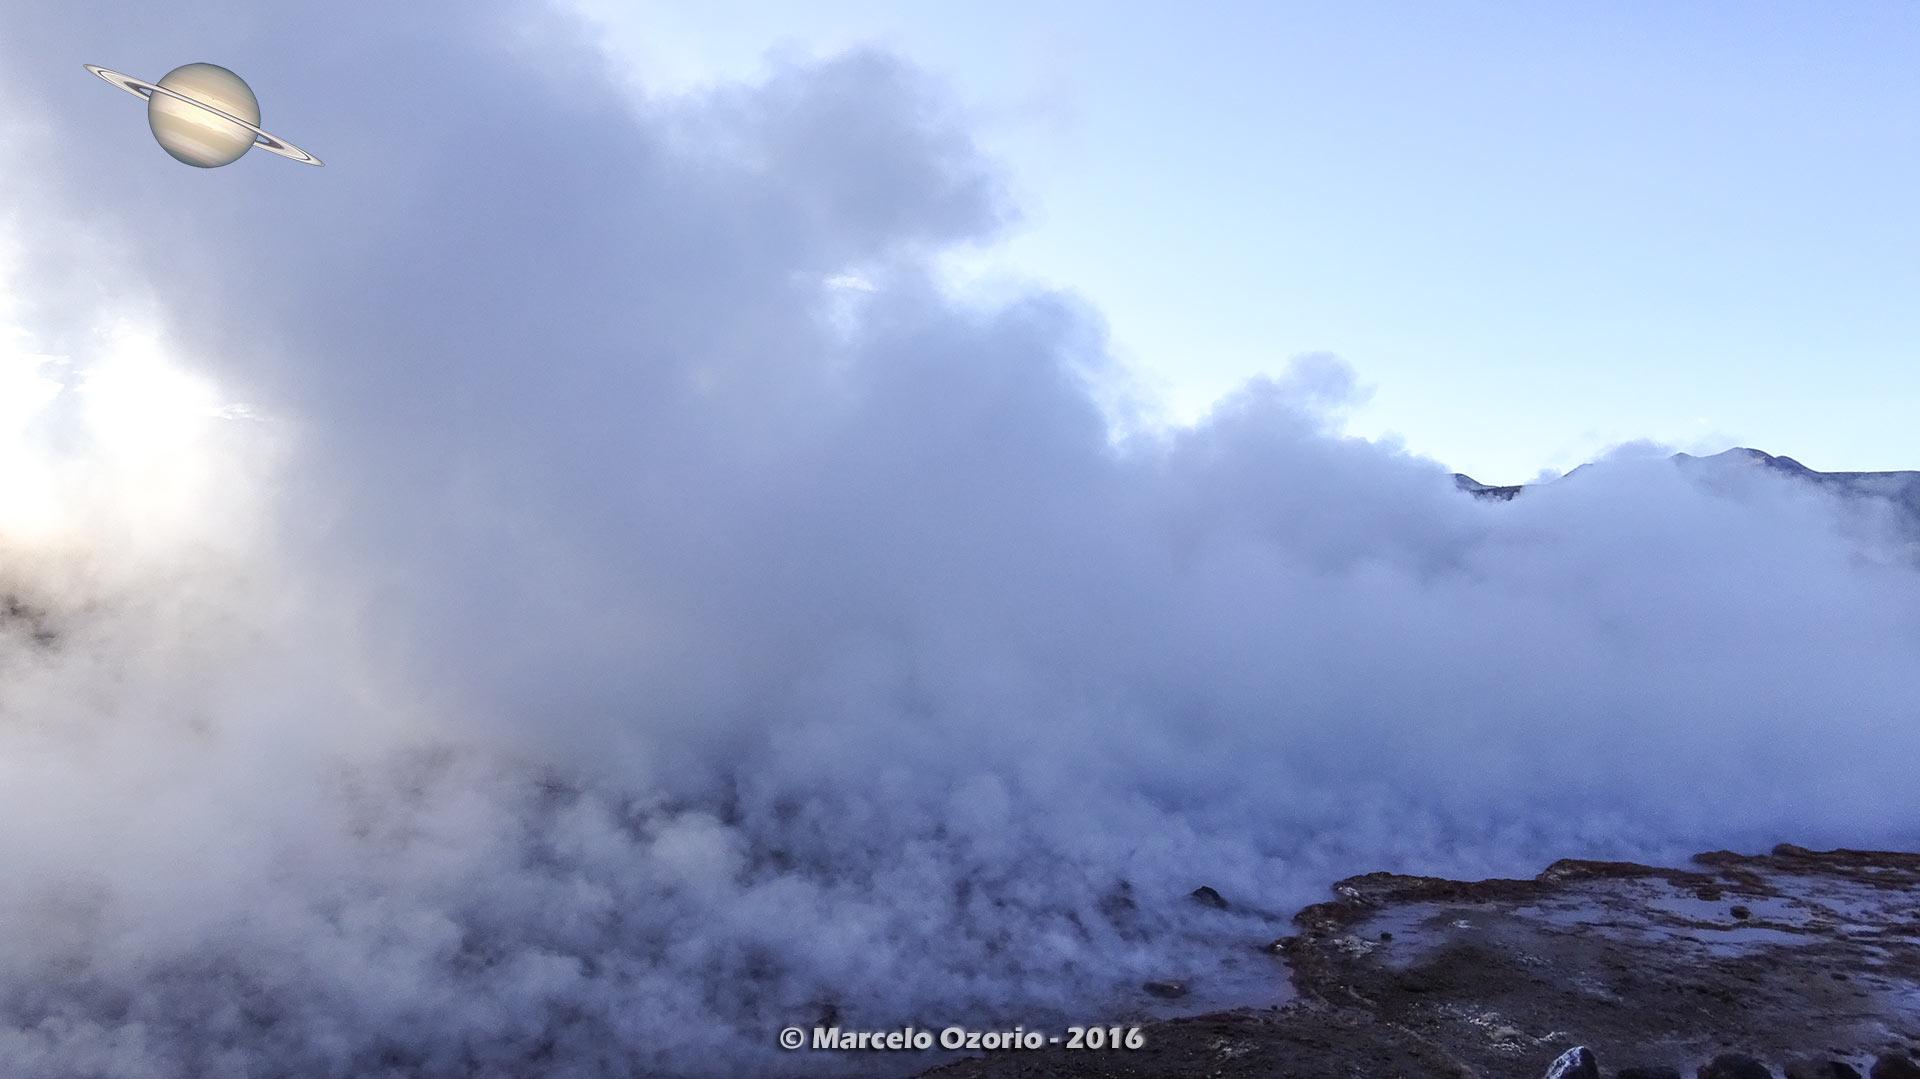 el tatio geysers atacama desert 9 - The Surreal El Tatio Geysers - Atacama Desert - Chile